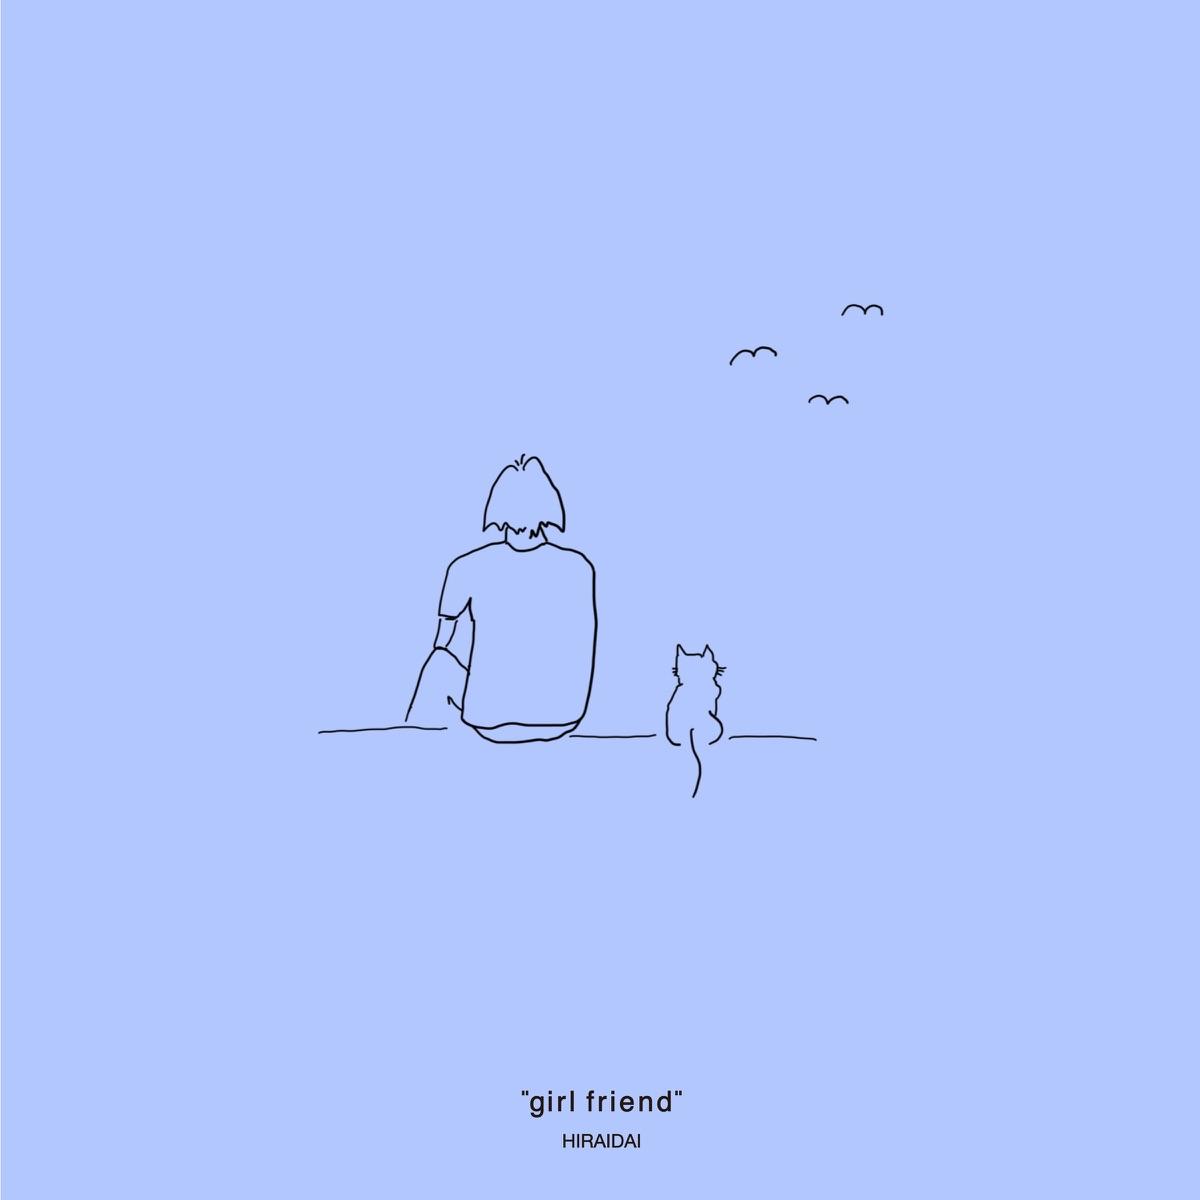 『平井大 - GIRL FRIEND』収録の『GIRL FRIEND』ジャケット